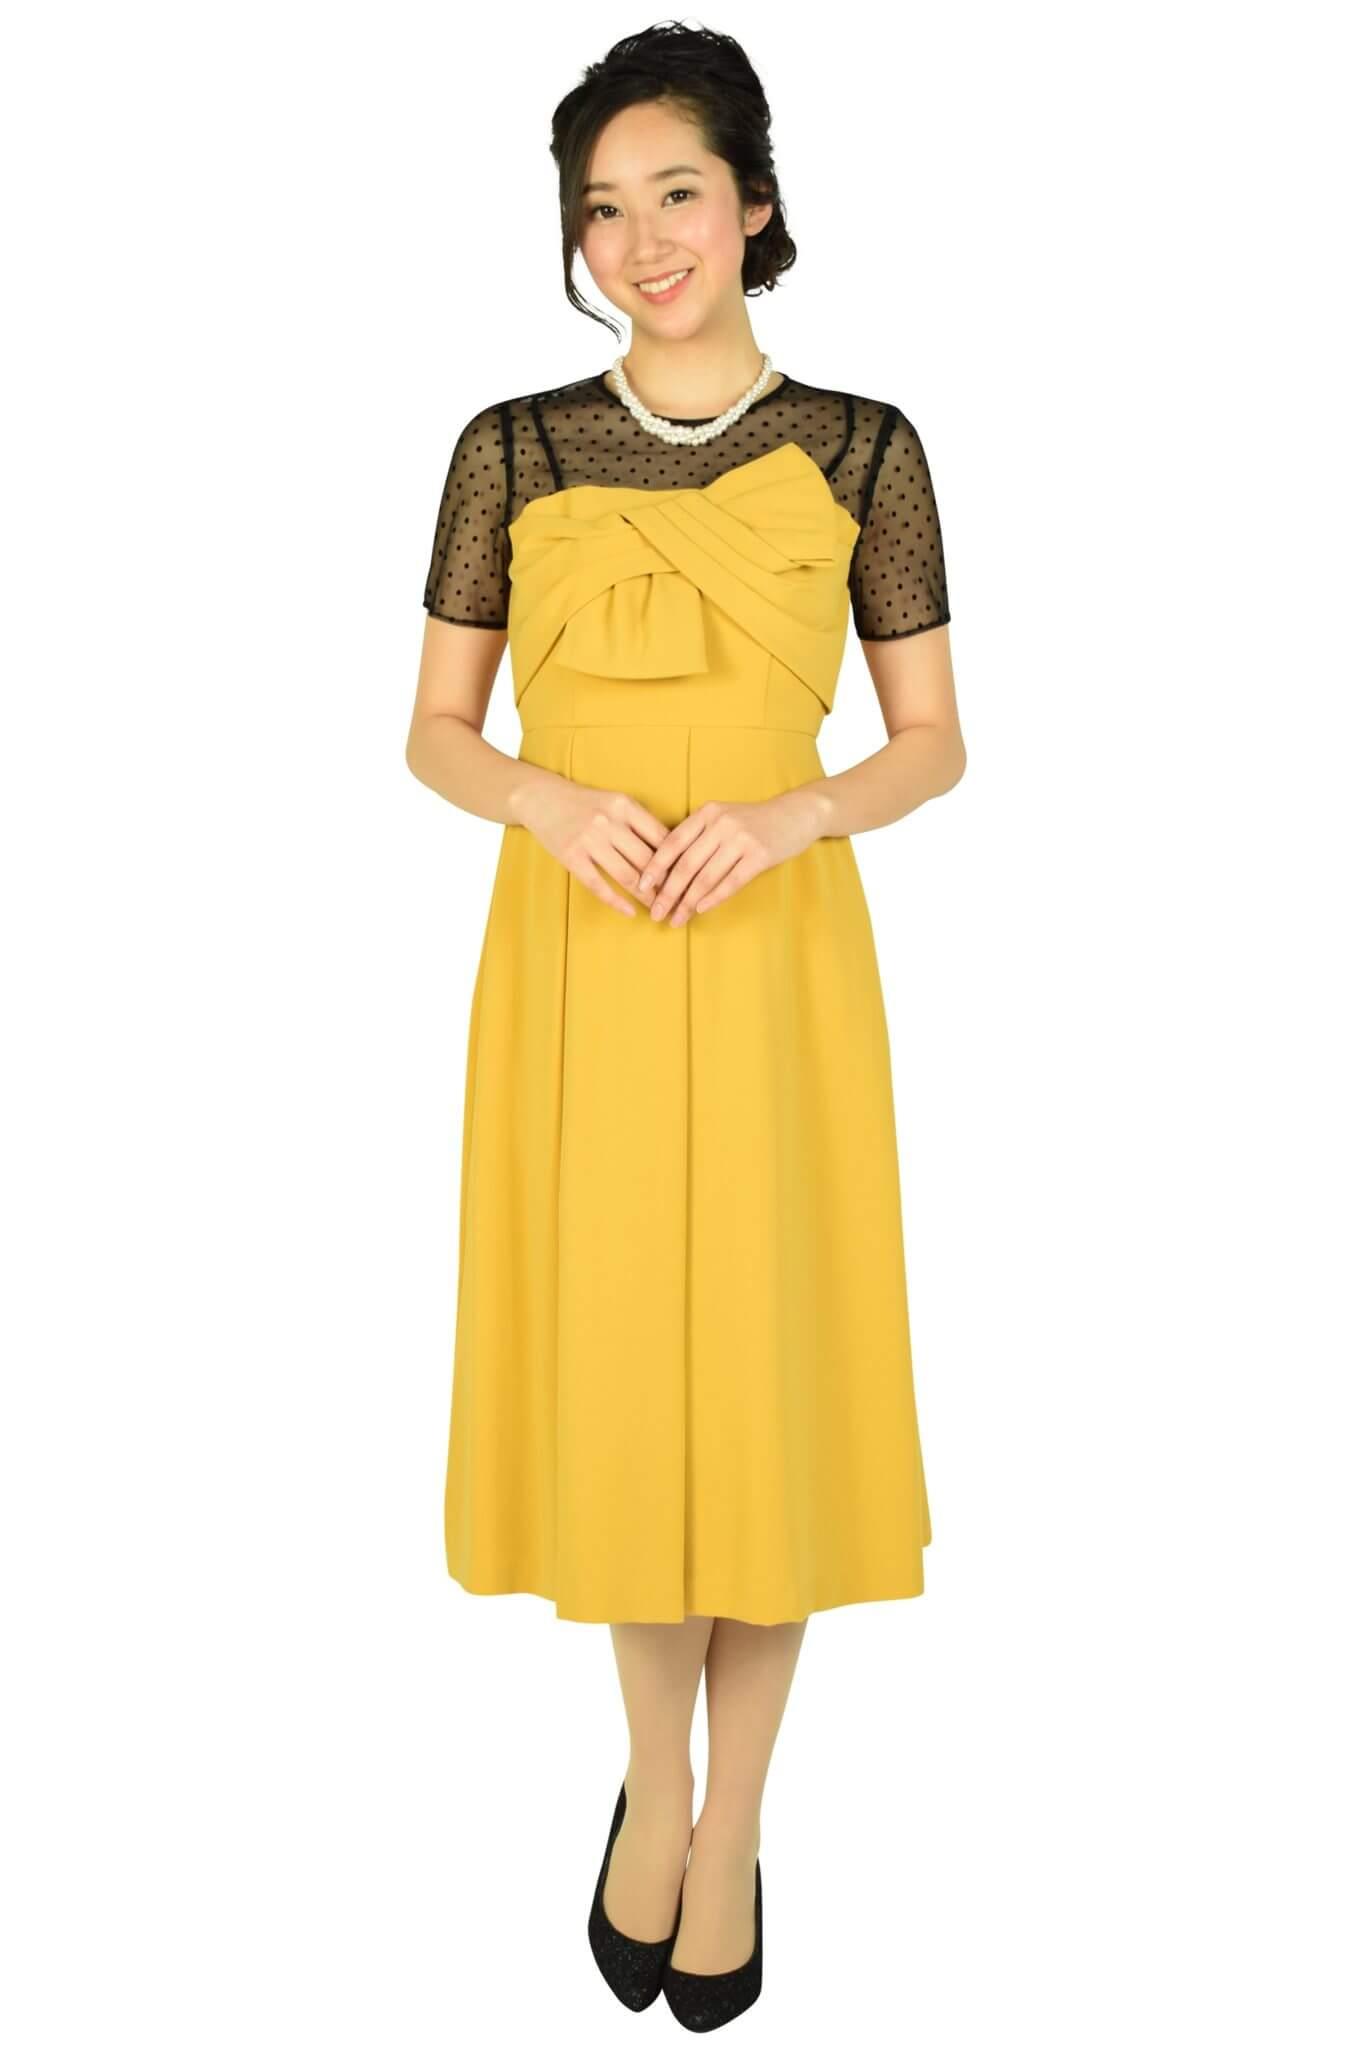 グレースコンチネンタル (GRACE CONTINENTAL)袖付きドットレースマスタードドレス